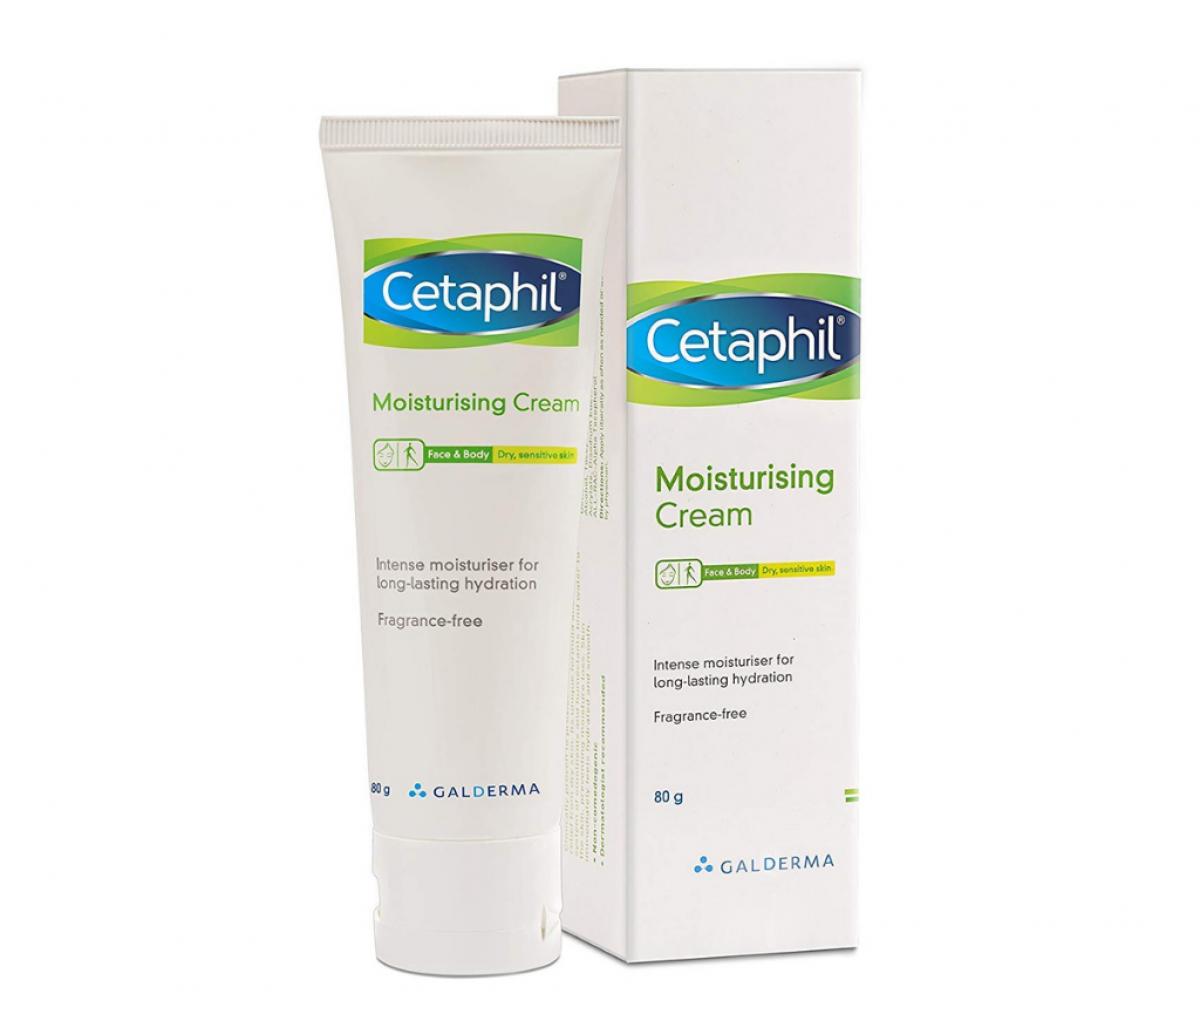 Cetaphil Moisturizing Cream 80g